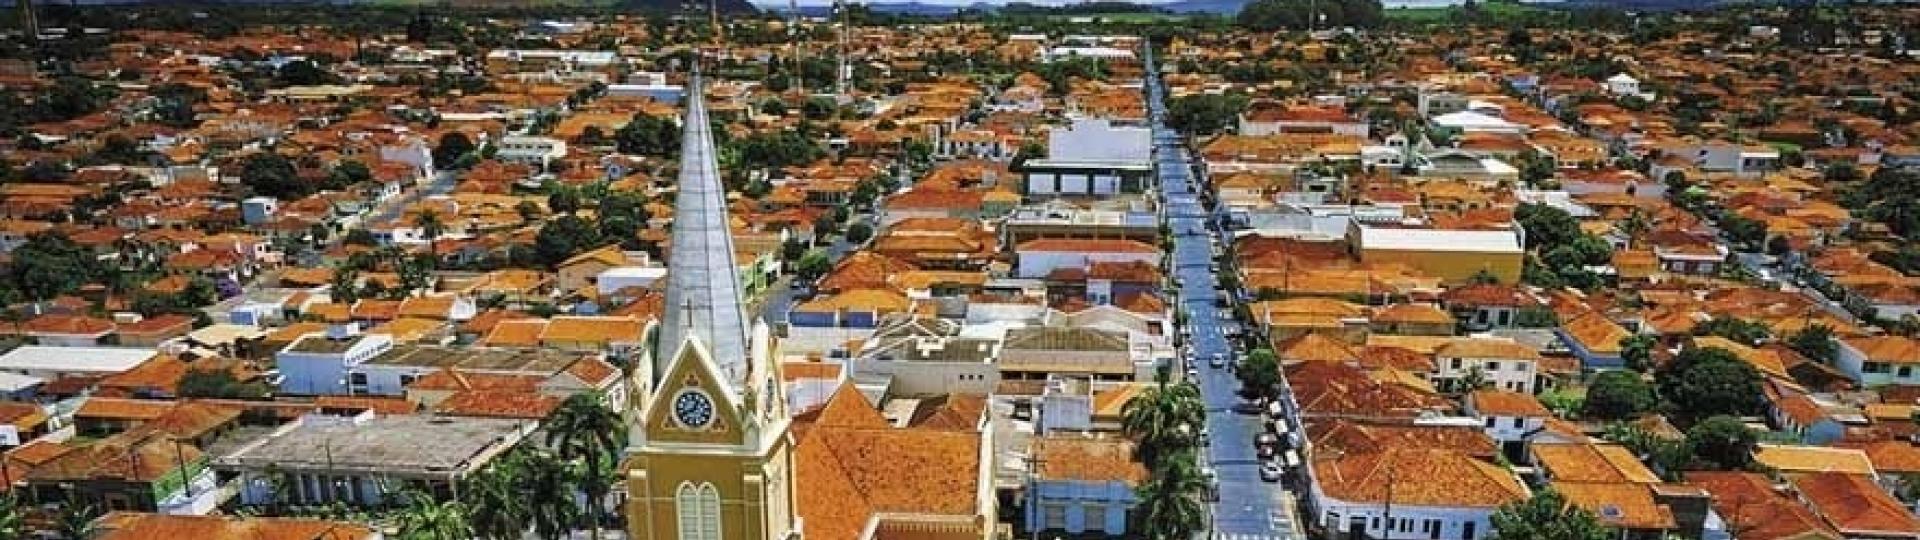 Santa Rita do Passa Quatro: no compasso do agronegócio